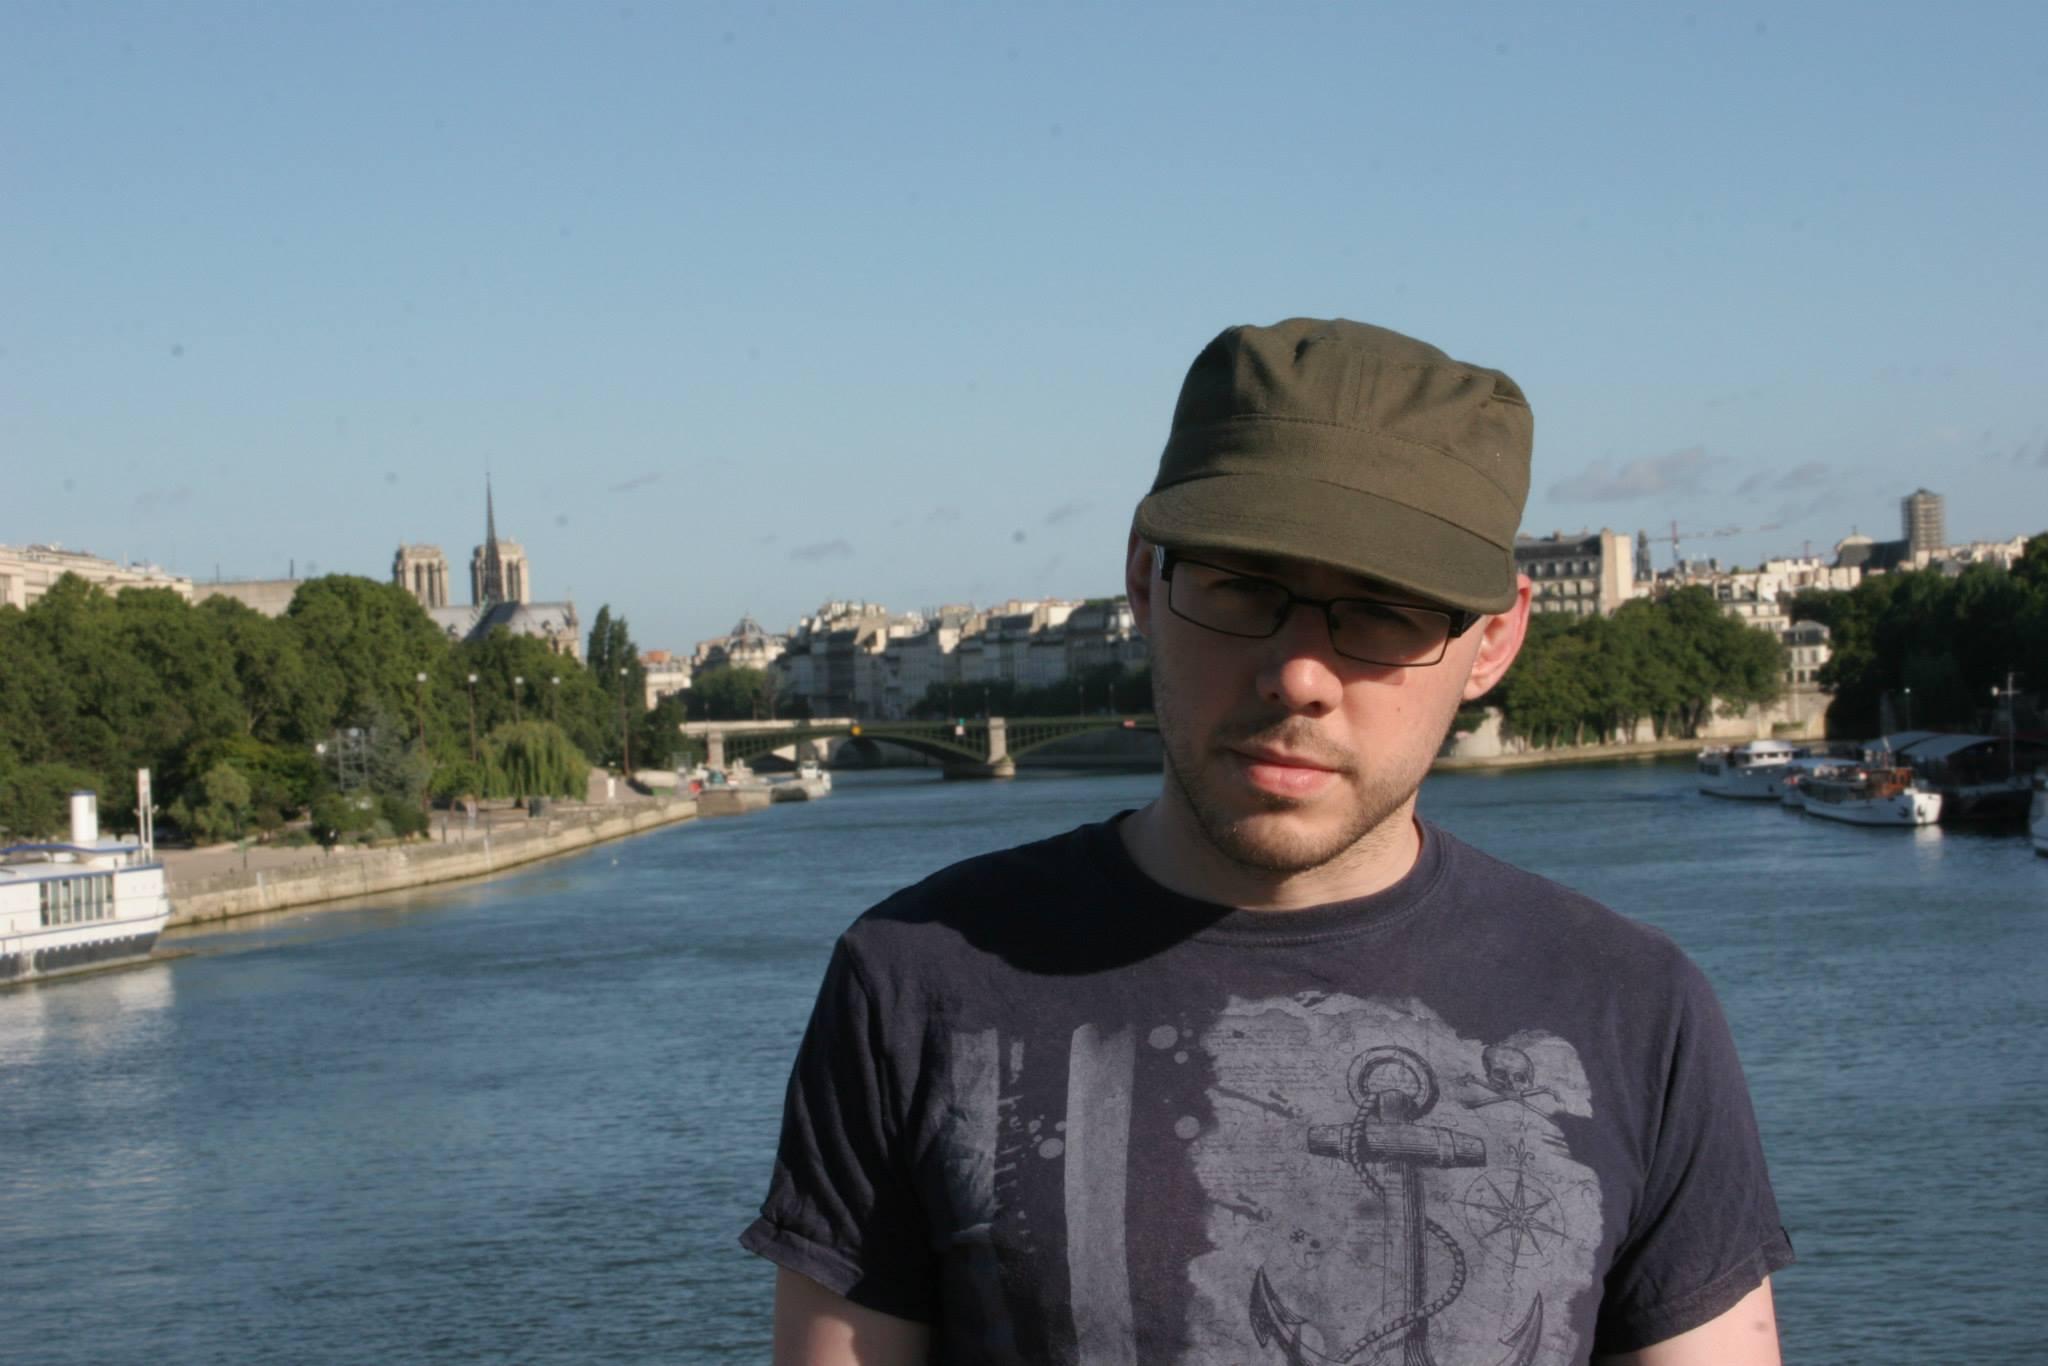 LS13 writer, Gareth Durasow,